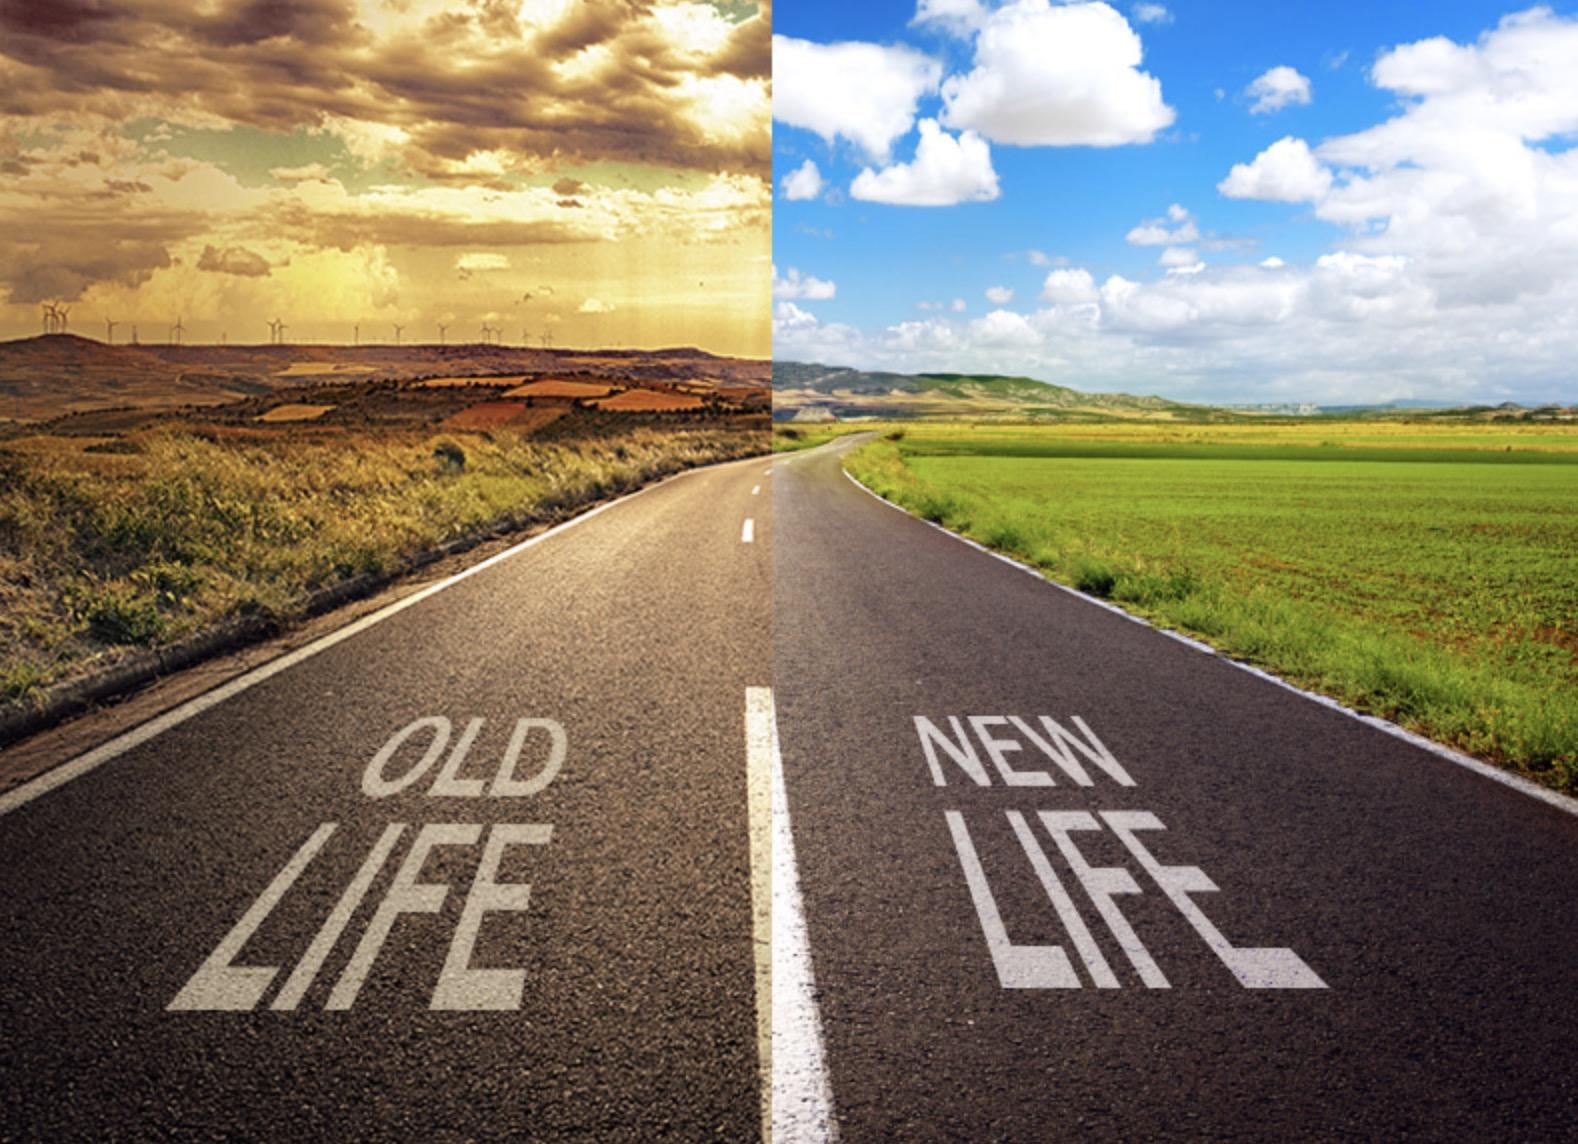 あなたの人生を変える進むべき道!